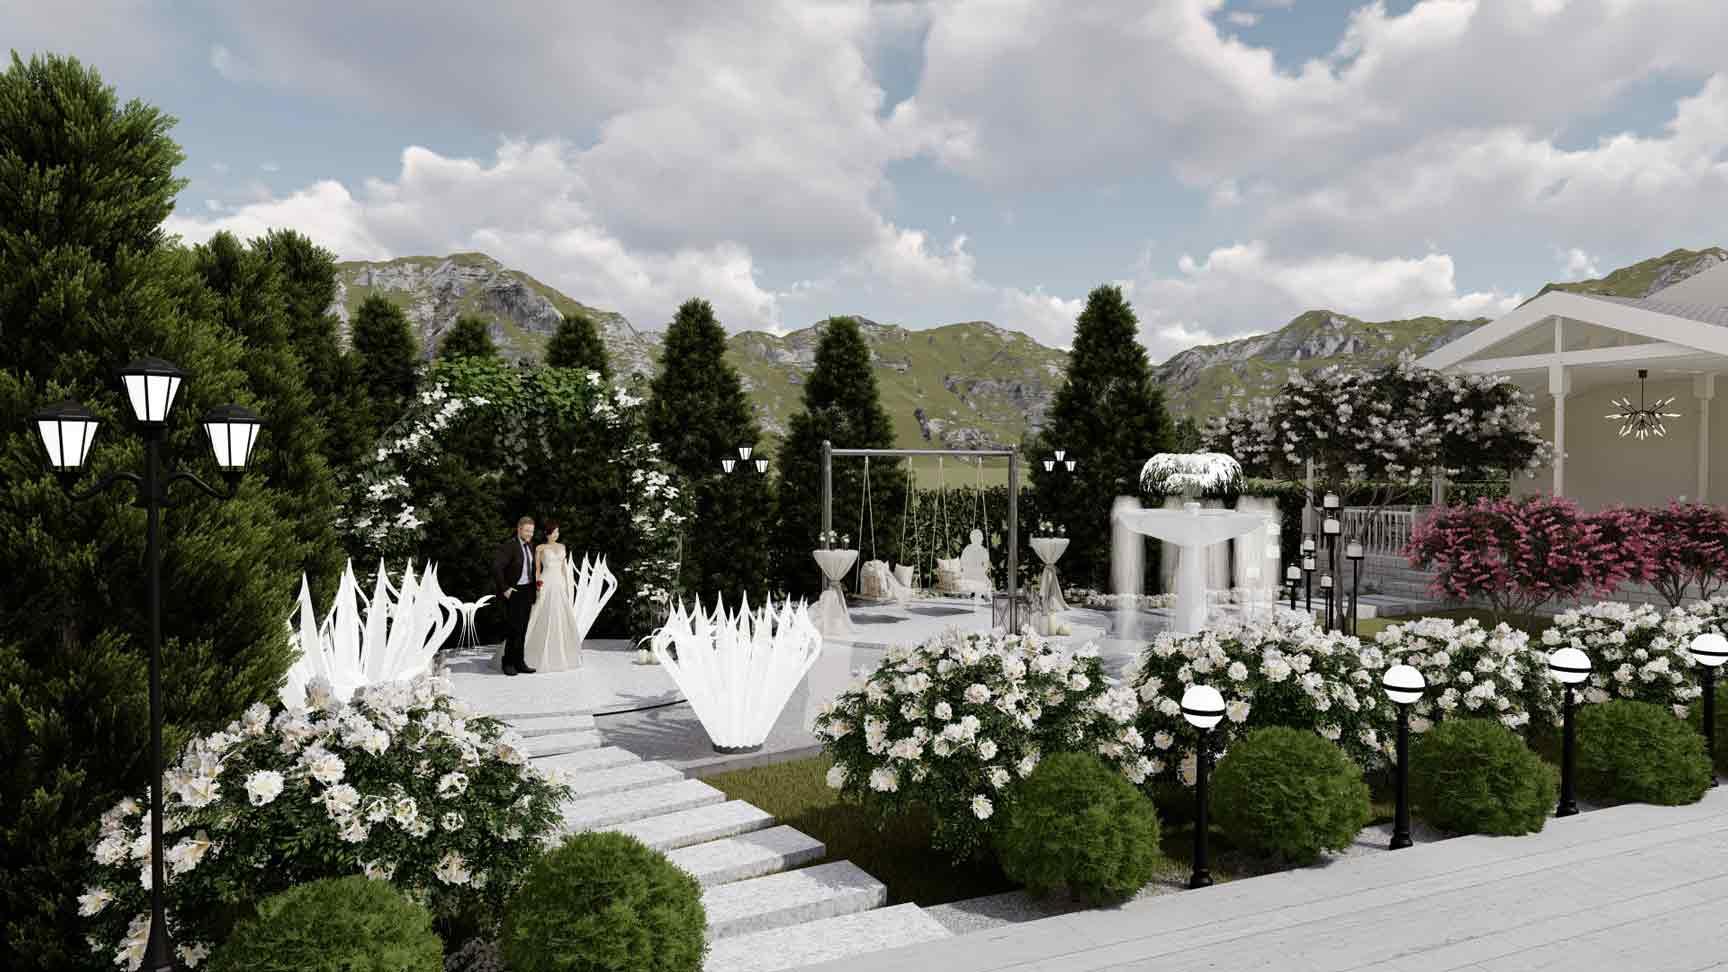 gradina sala de evenimente cu loc pentru cununie